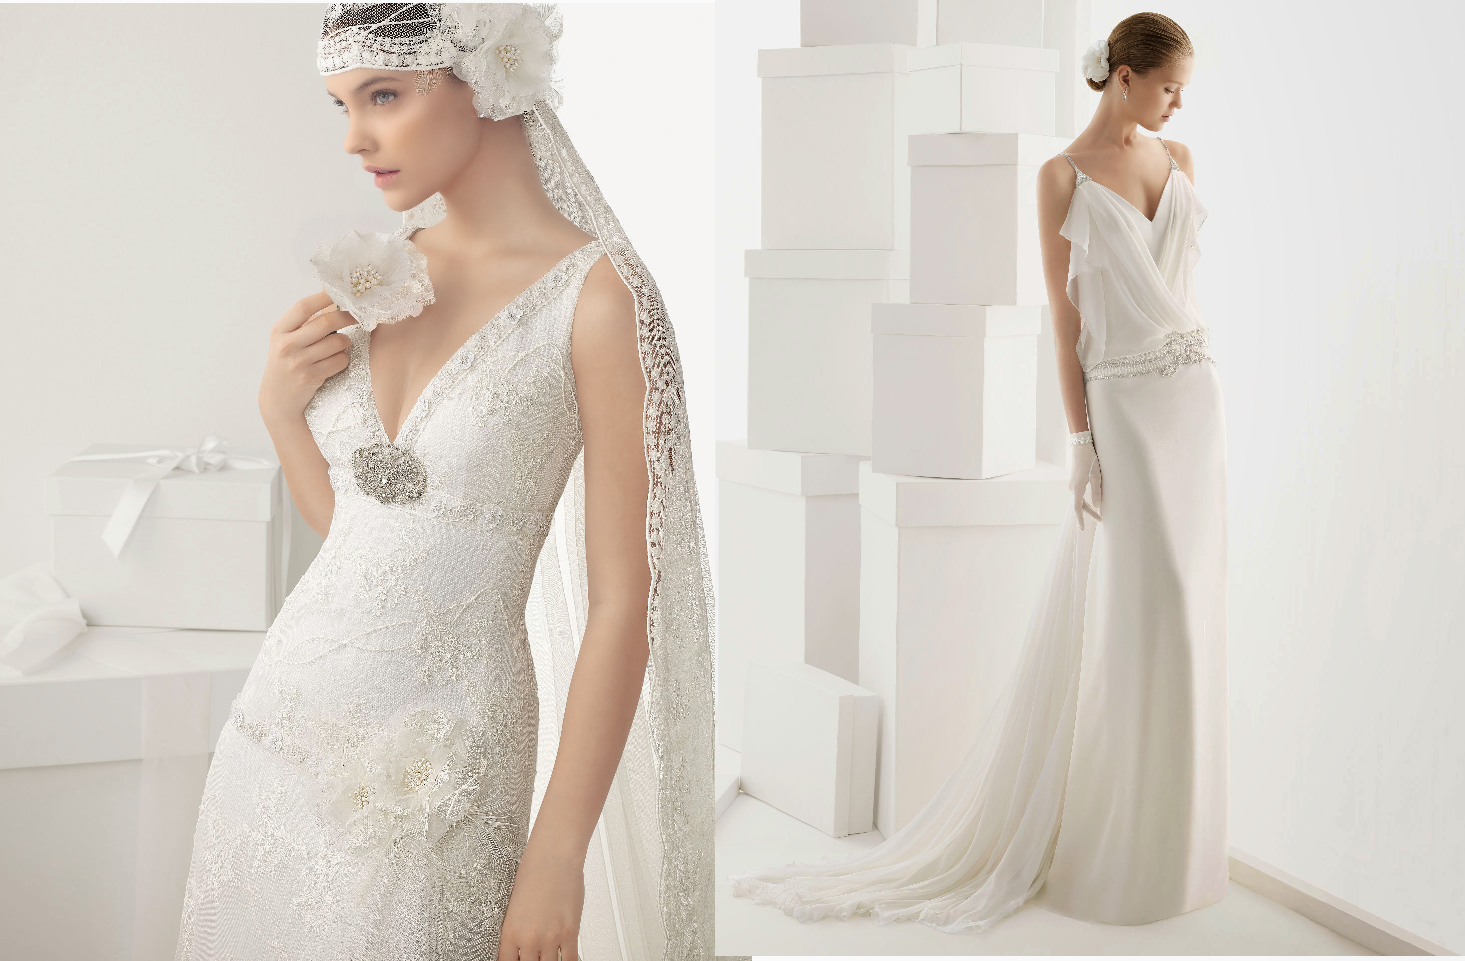 Vestidos de novia sobrios y elegantes